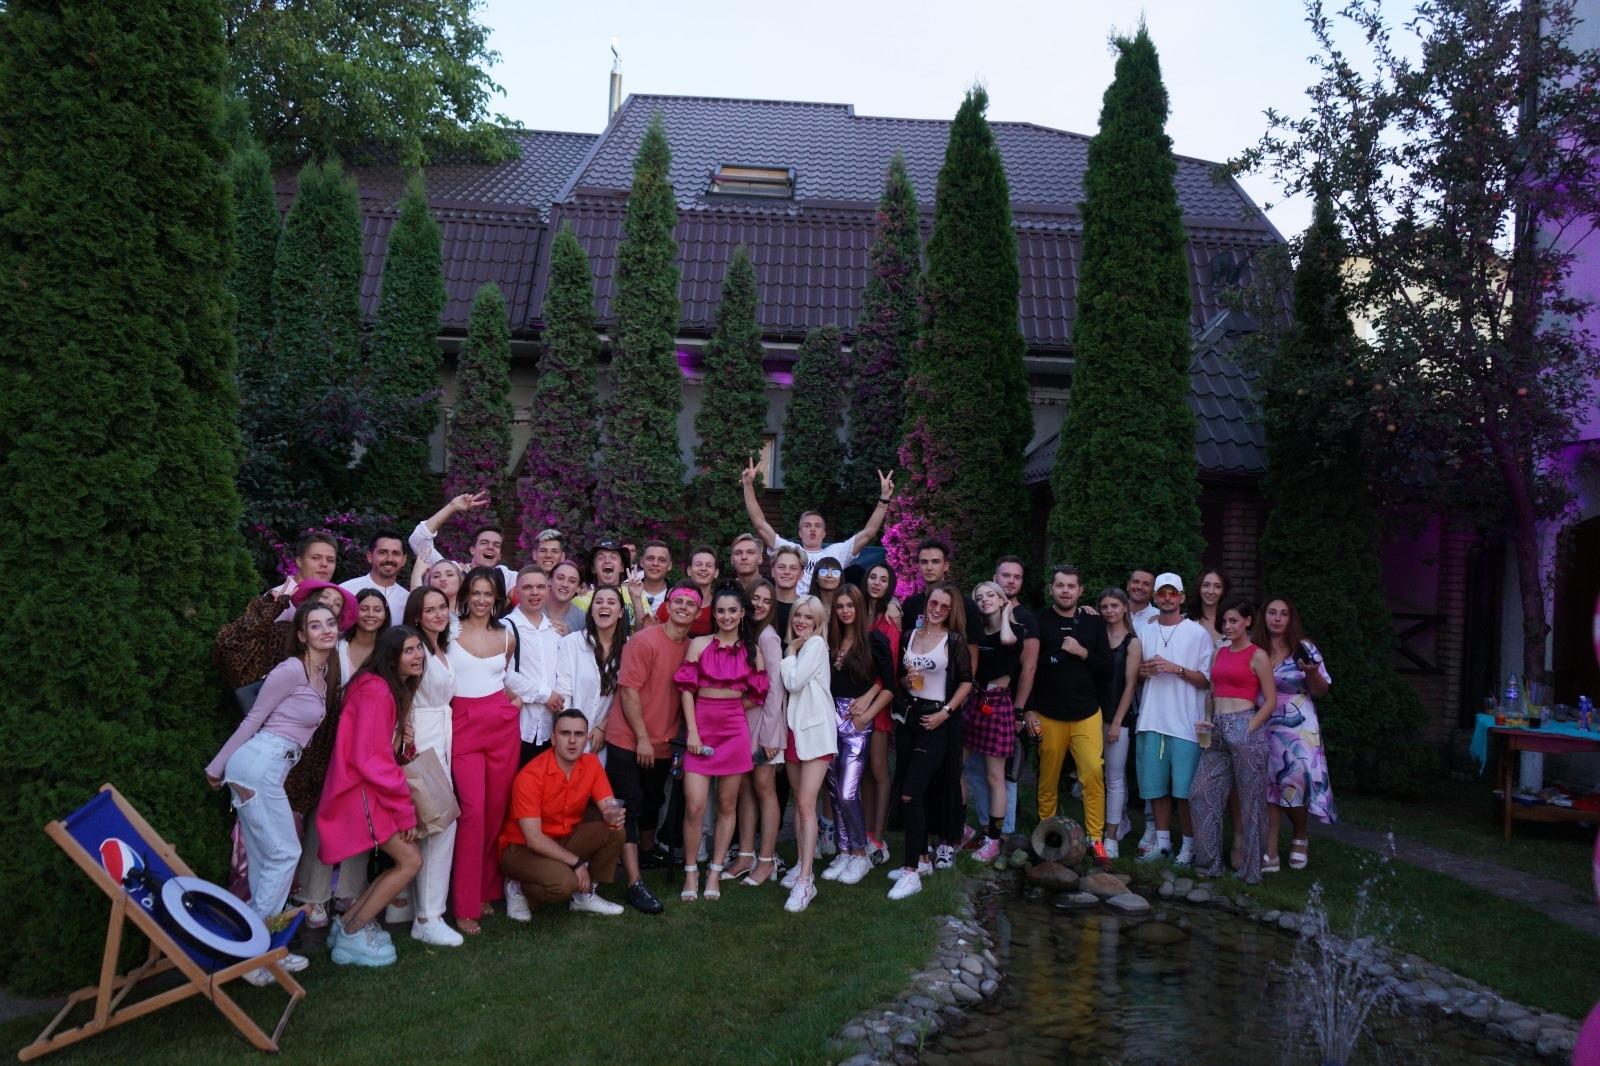 Популярные блогеры, бывший парень и злые соседи: Анна Тринчер показала, как отпраздновала день рождения (ВИДЕО) - фото №2